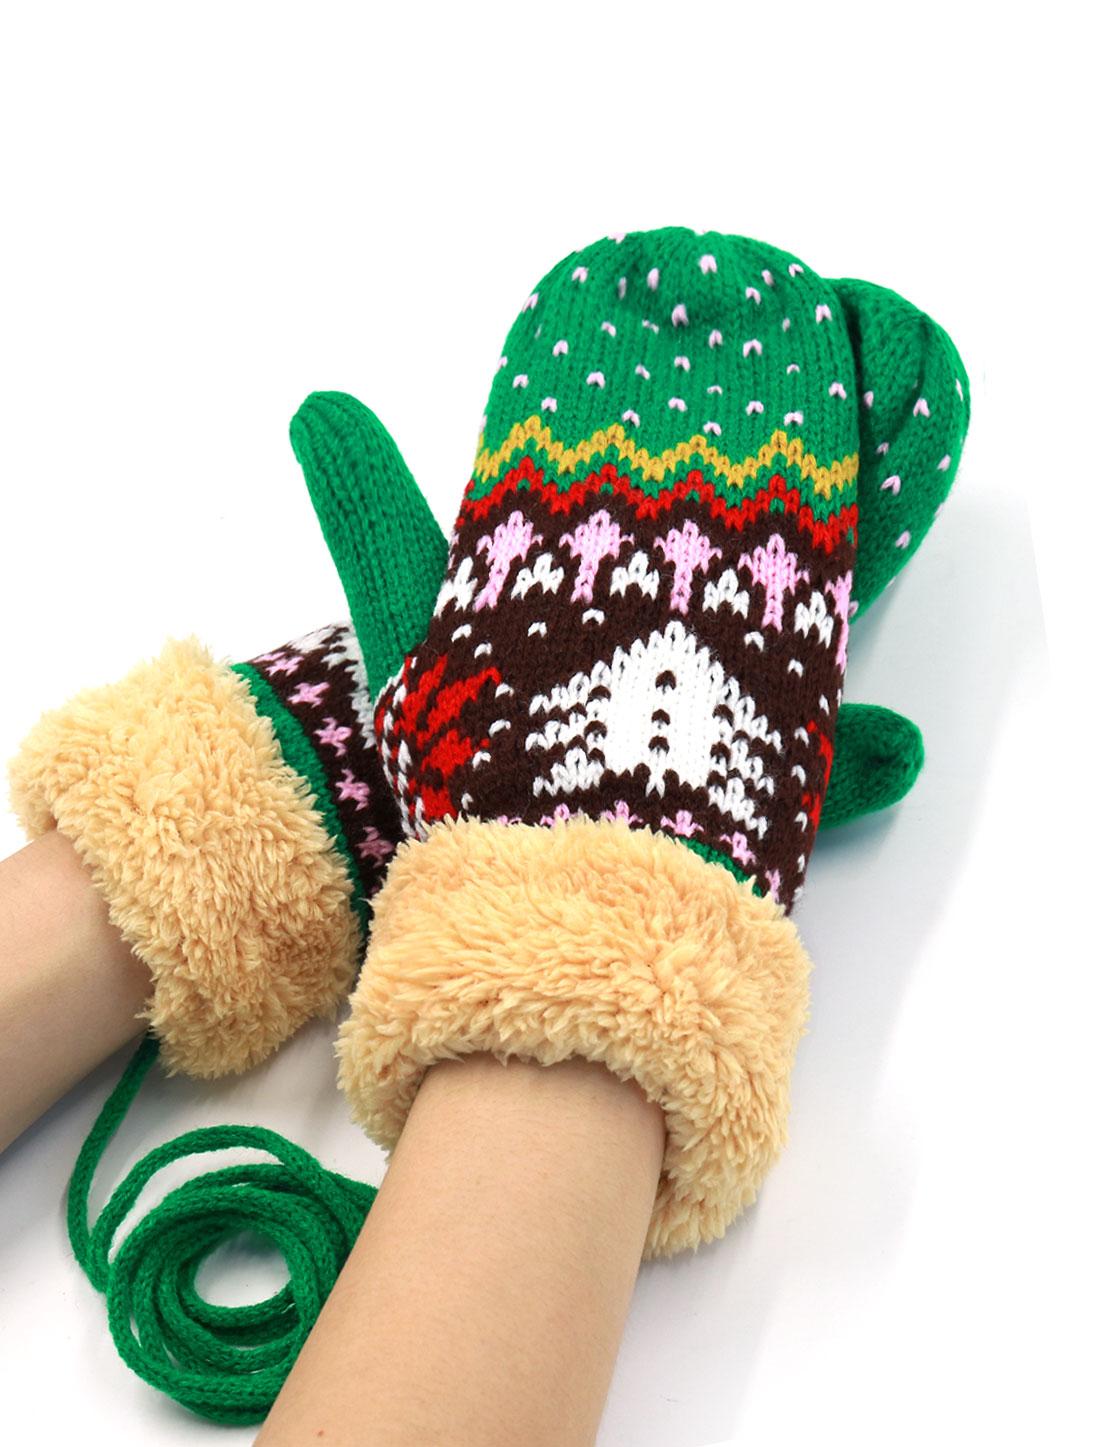 Ladies Plush Panel Christmas Tree Pattern Knit String Mitten Gloves Pair Green